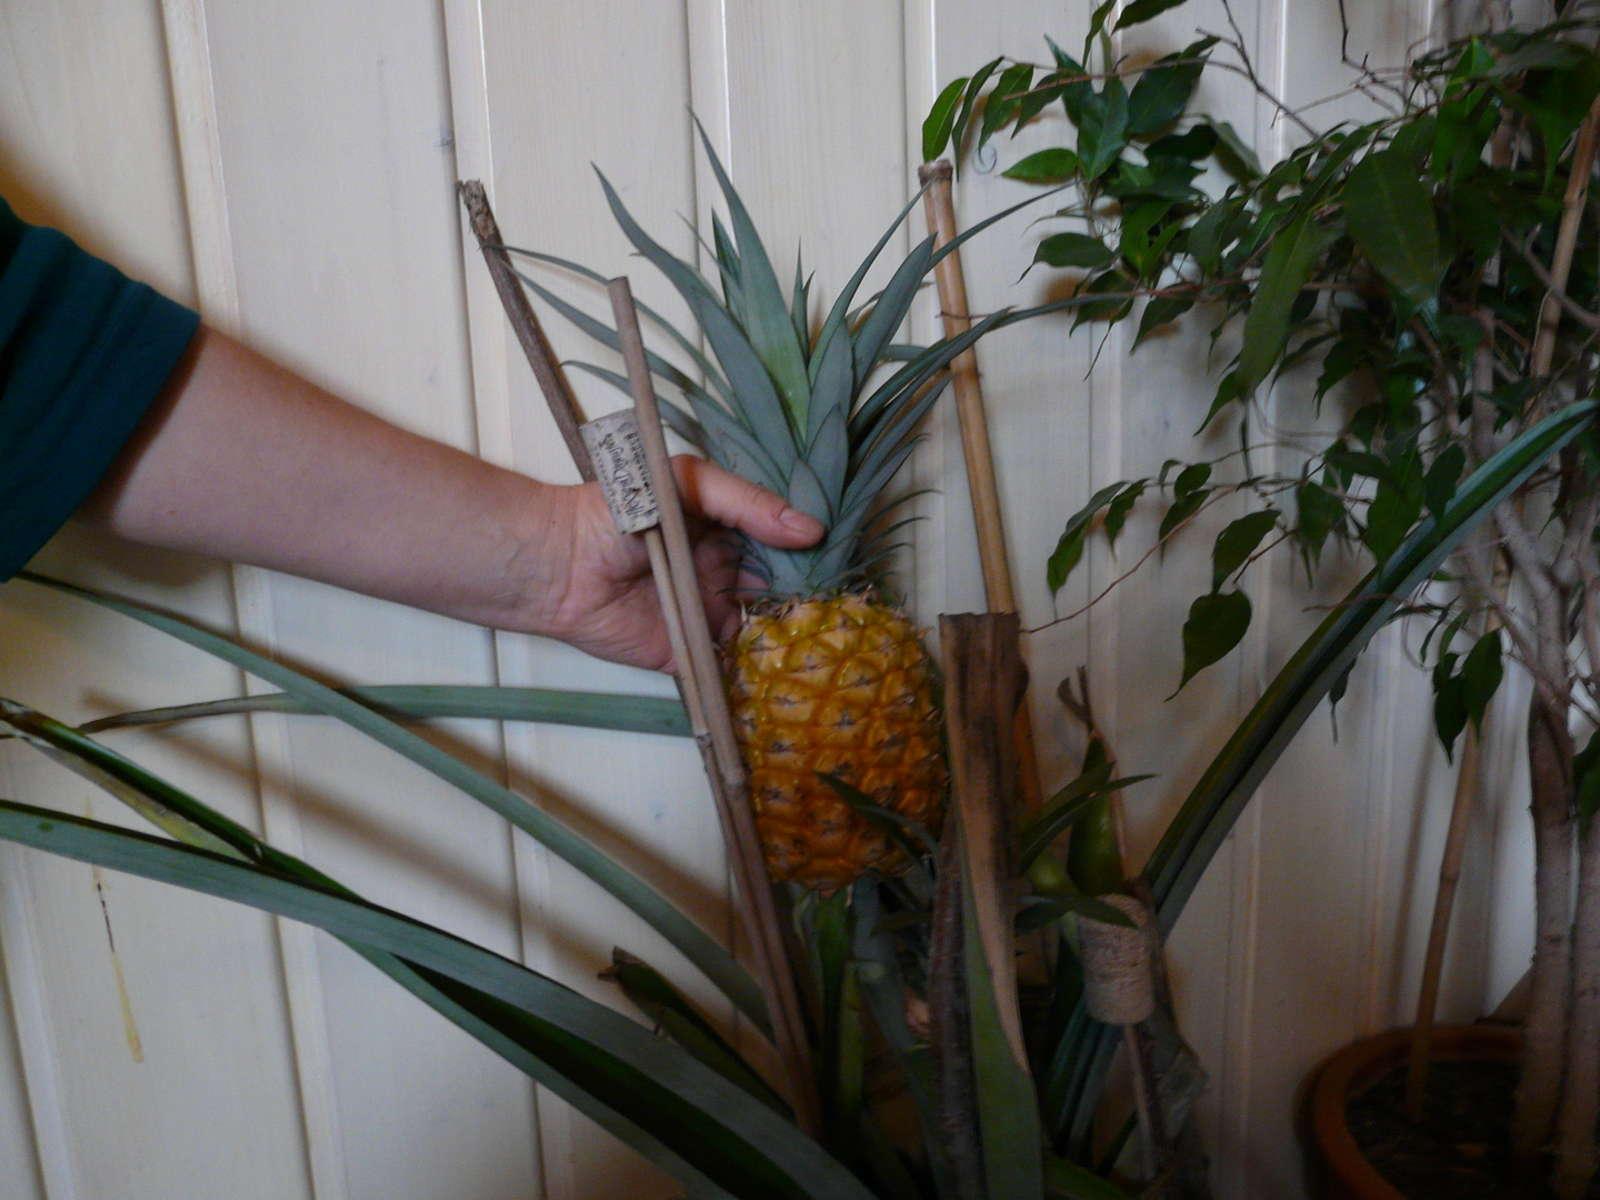 Ganz und zu Extrem Ananas anpflanzen: Vermehrung & Anbau (Anleitung) - Plantura @NO_81